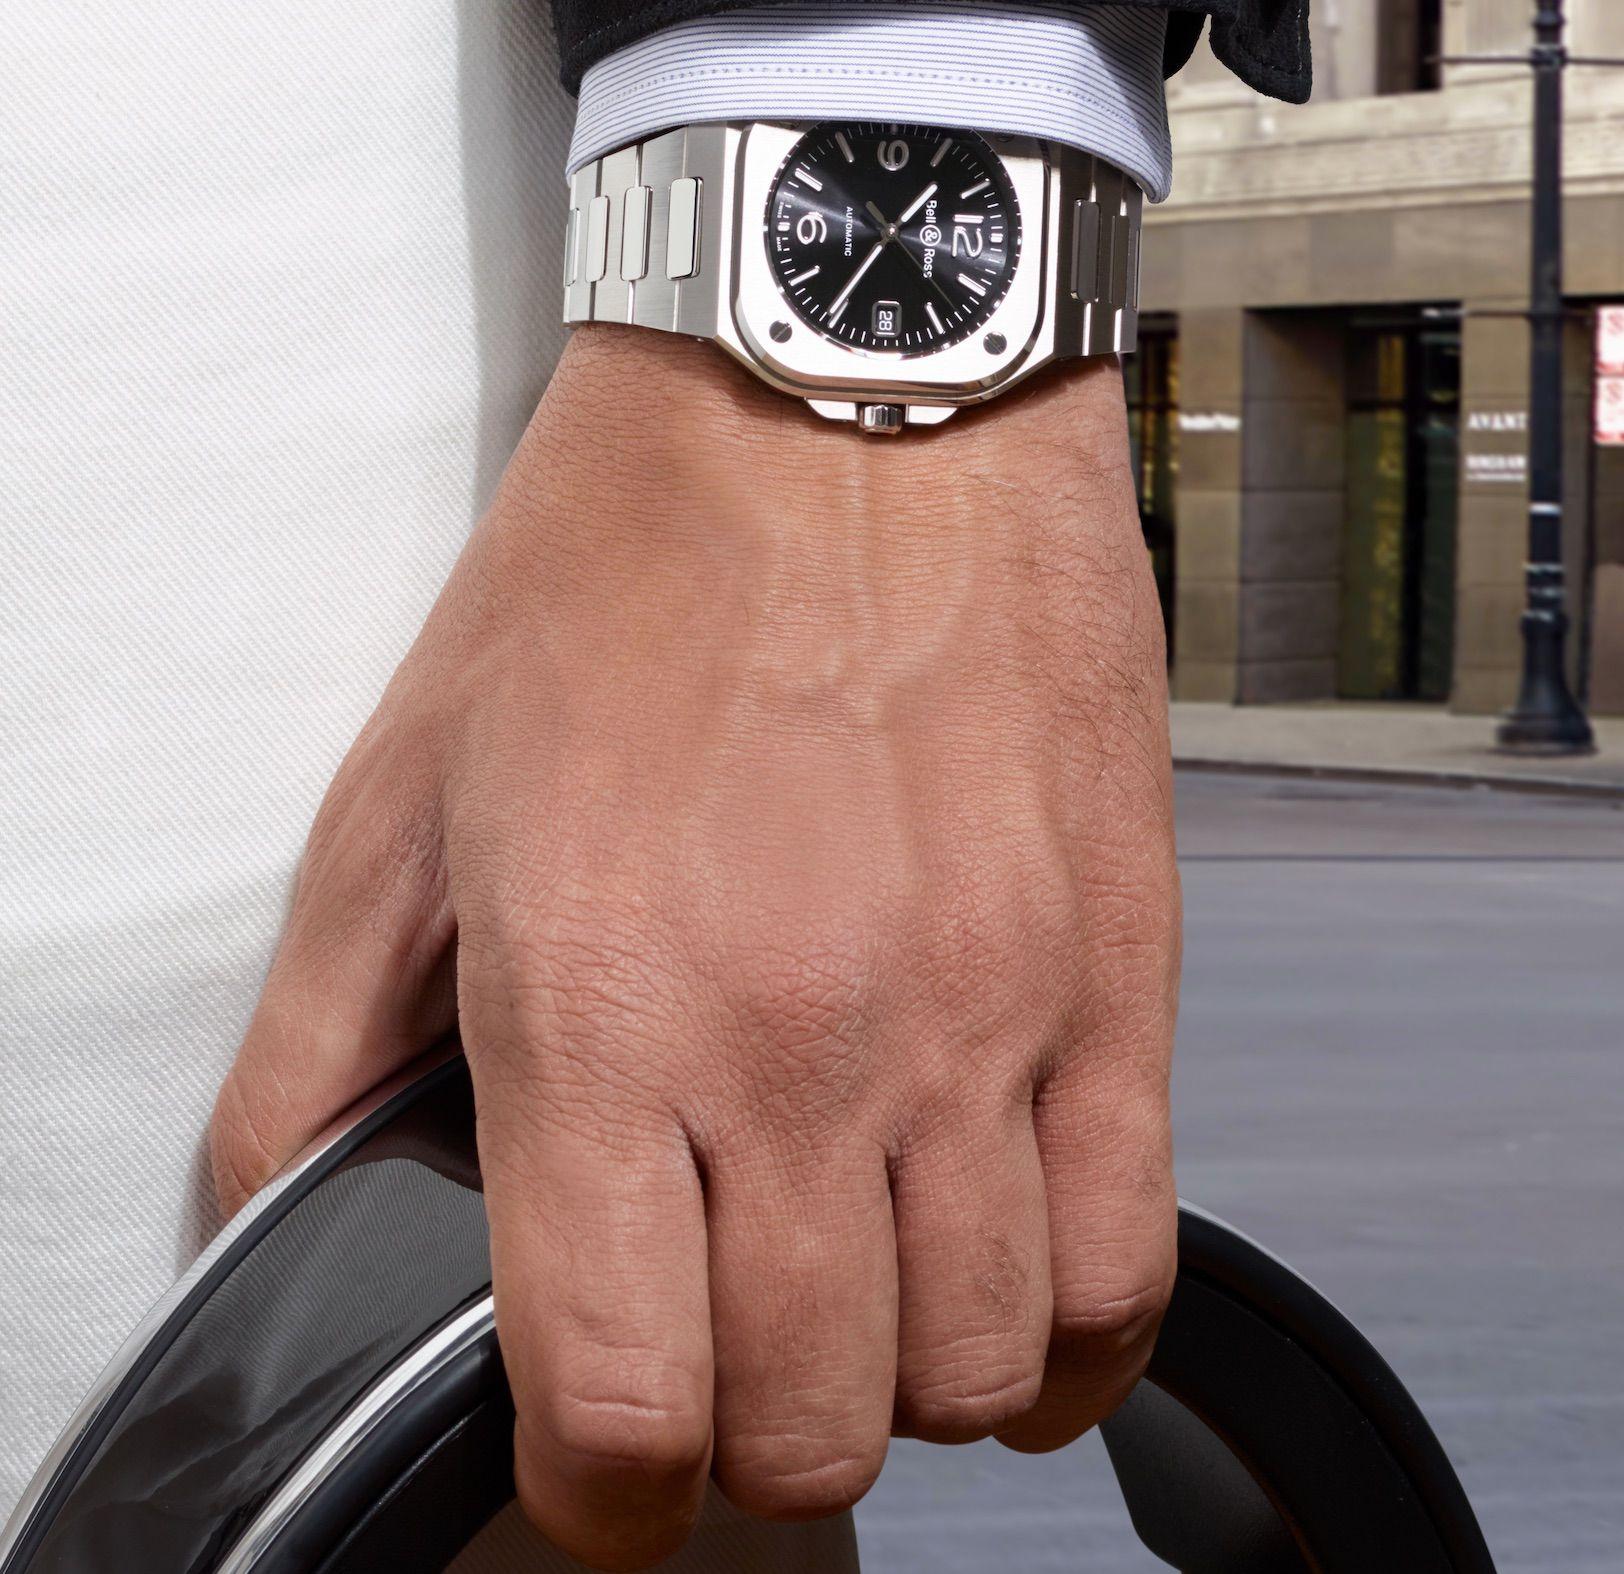 Quand le rond dialogue avec le carré en français et quand la mécanique suisse passionne les Françaises : c'est l'actualité des montres